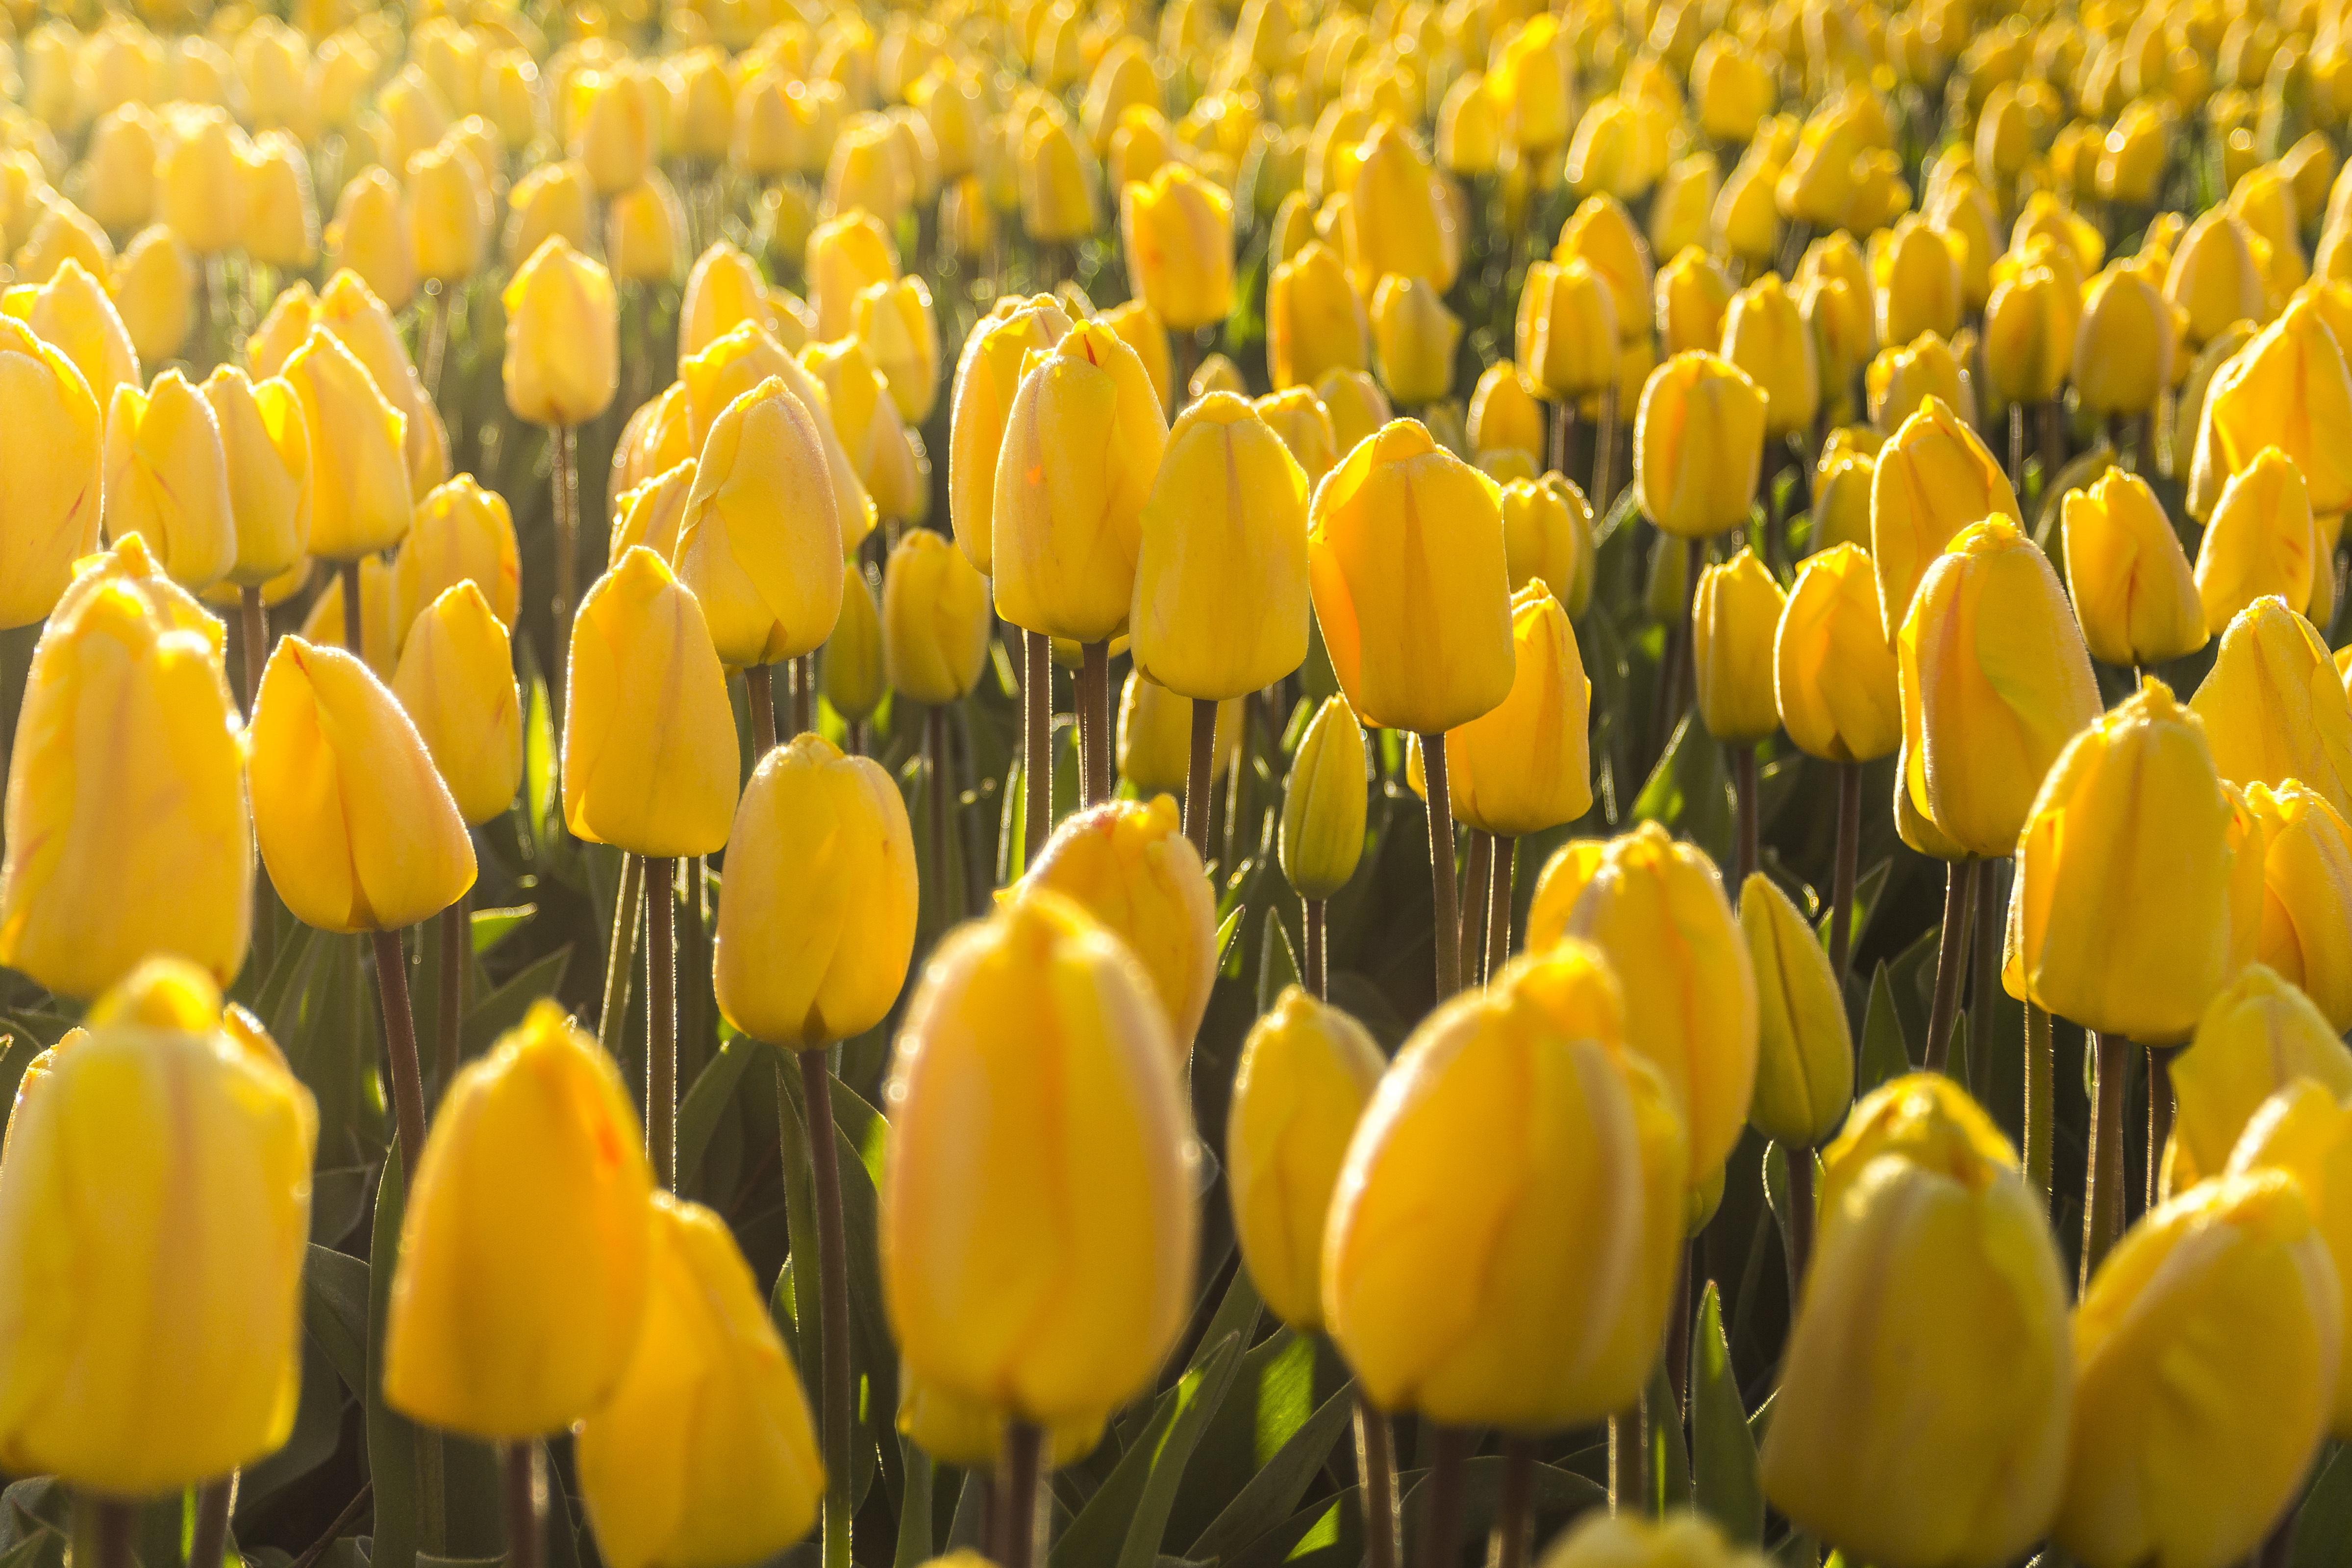 Free Images Morning Flower Petal Bloom Tulip Spring Color